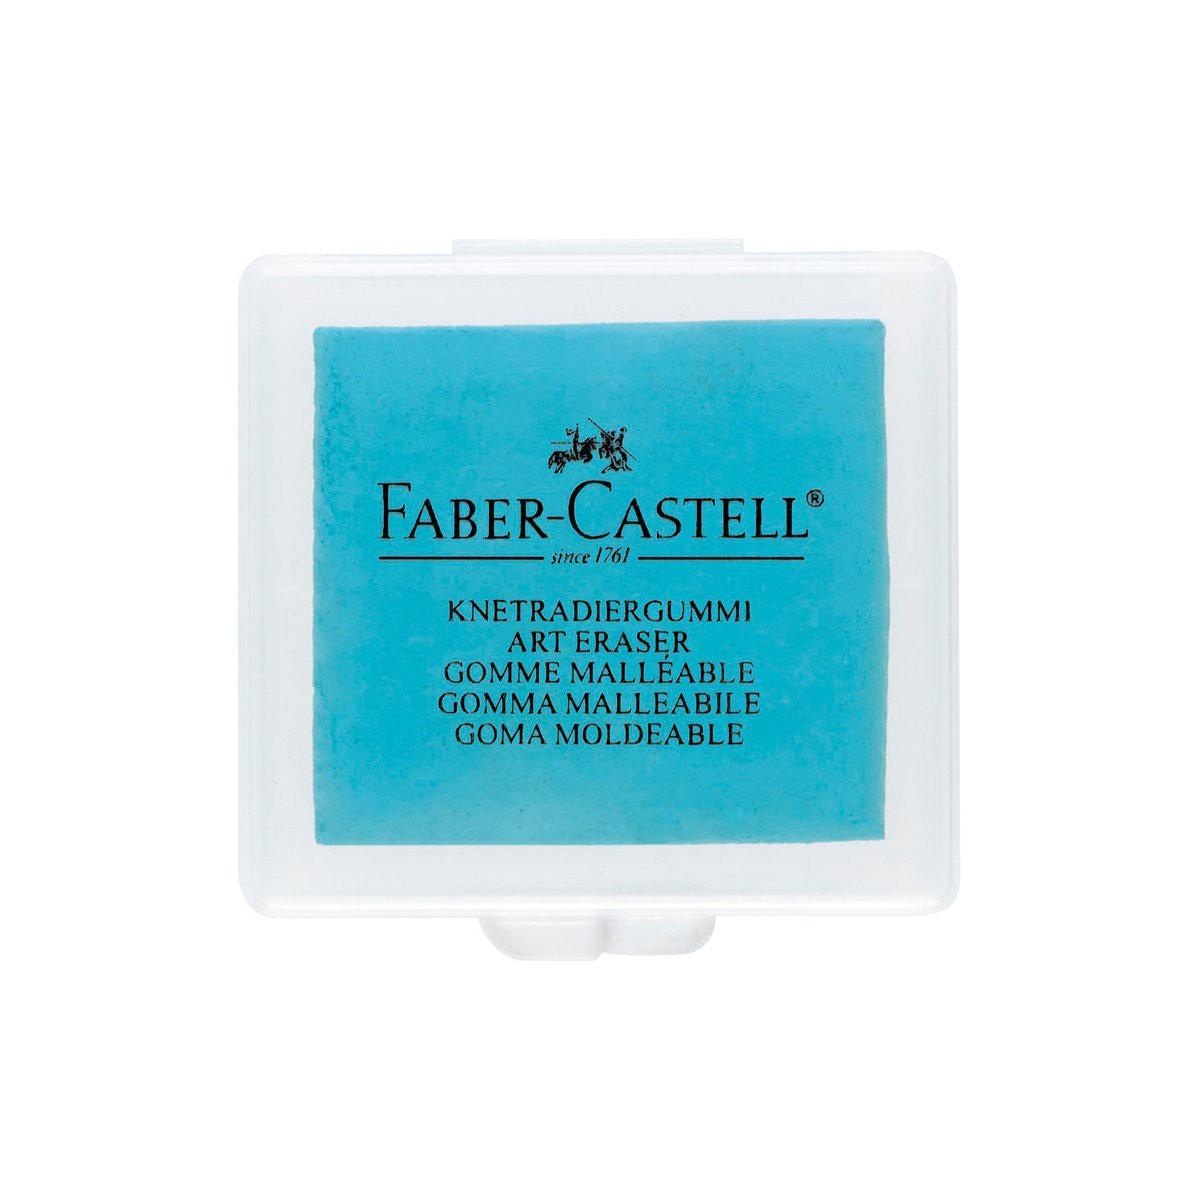 Faber Castell, Knetgummi, farvet